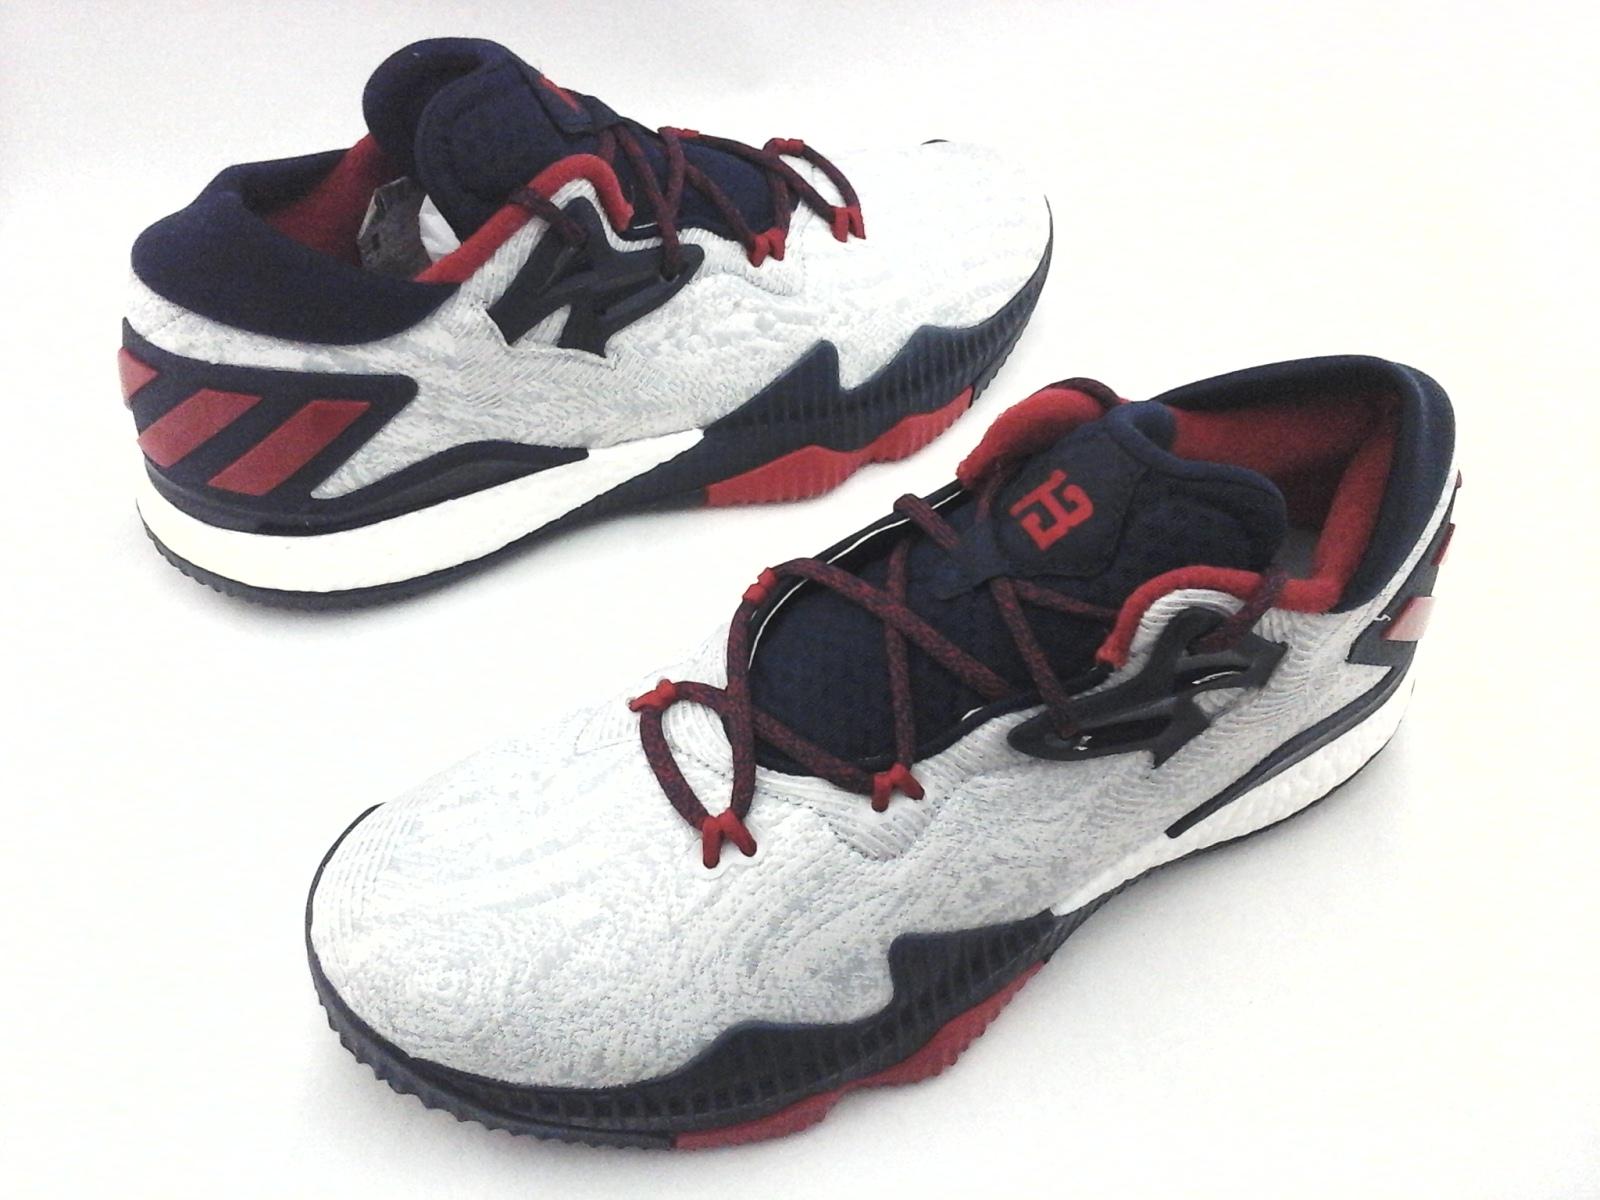 entrevista como resultado en un día festivo  Adidas HARDEN Crazylight Boost Basketball USA Olympic B49755 Shoes US 12/46  2/3 | eBay